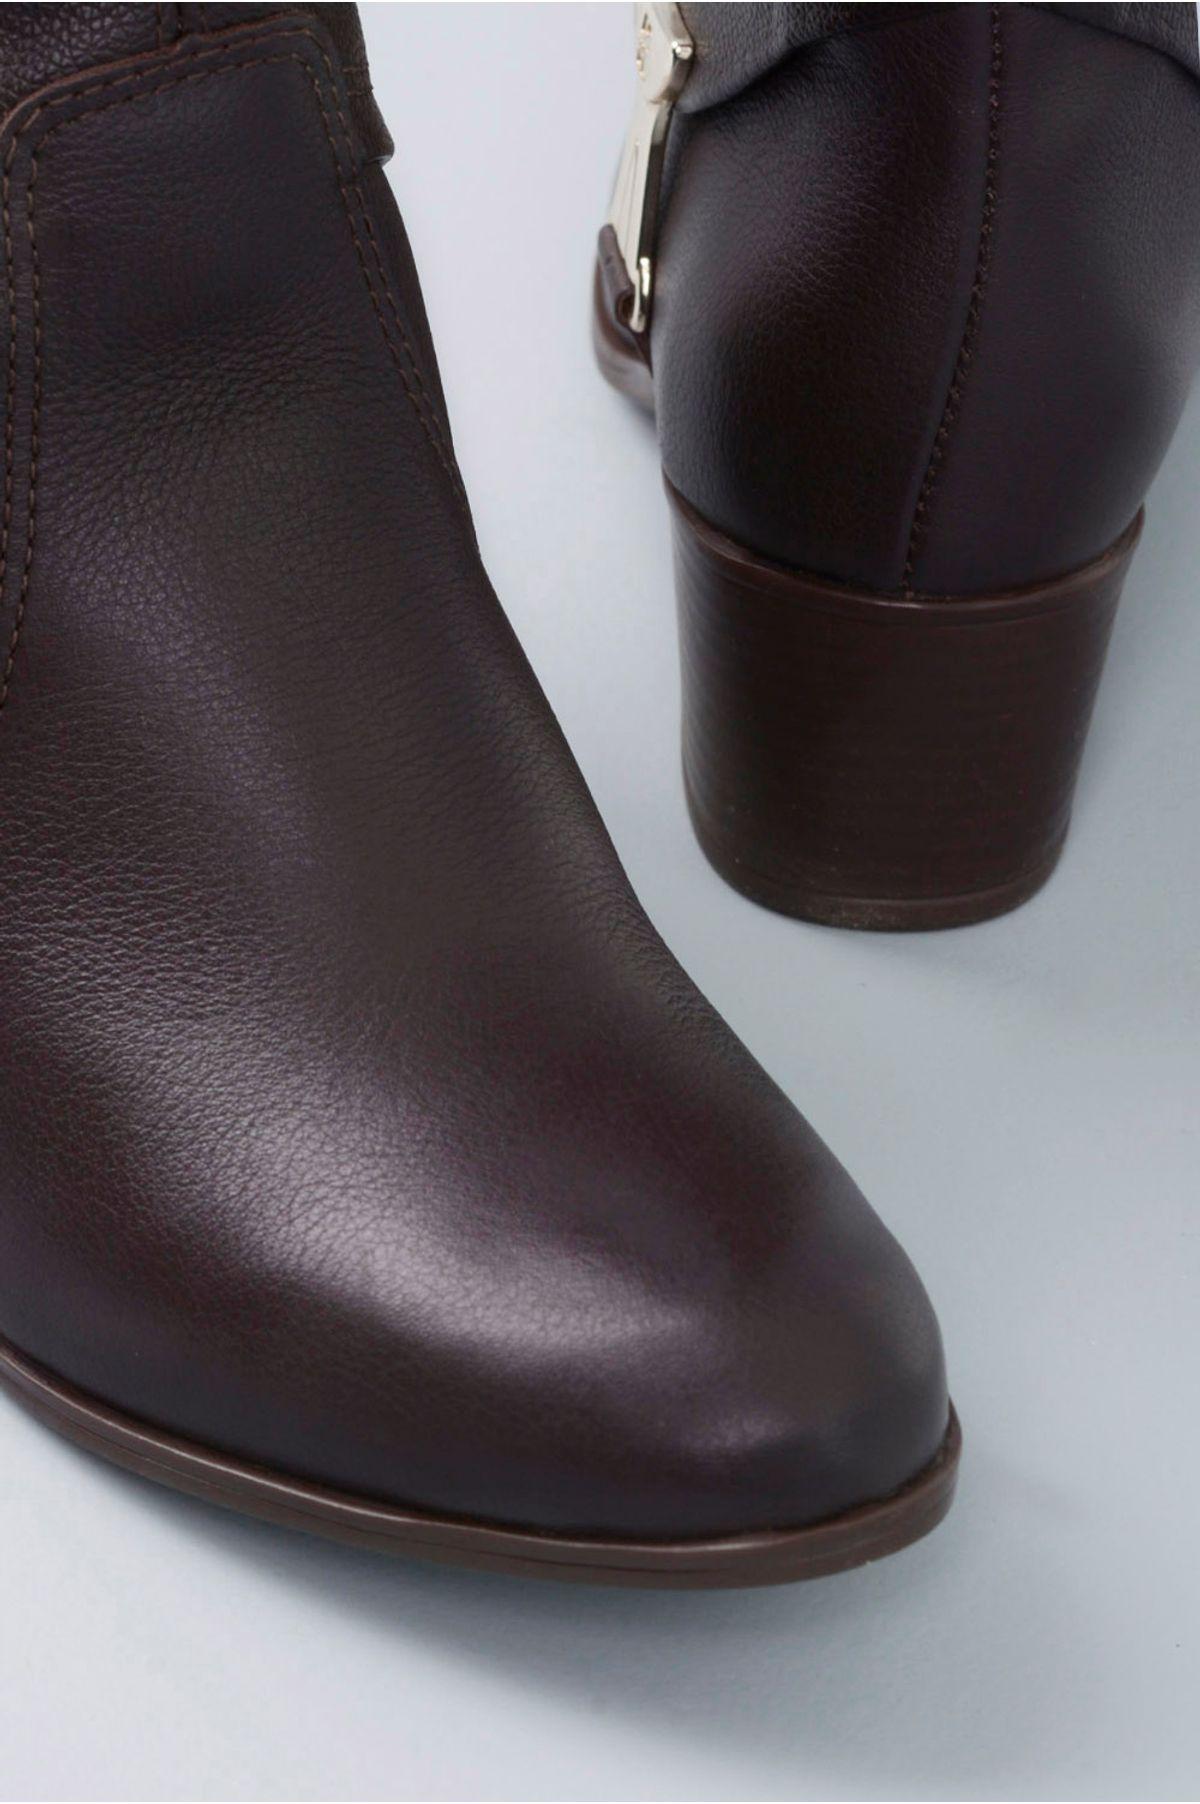 Bota Feminina Salto Médio Mileidy Bottero CR - CAFE - Mundial Calçados 46cbde3fef